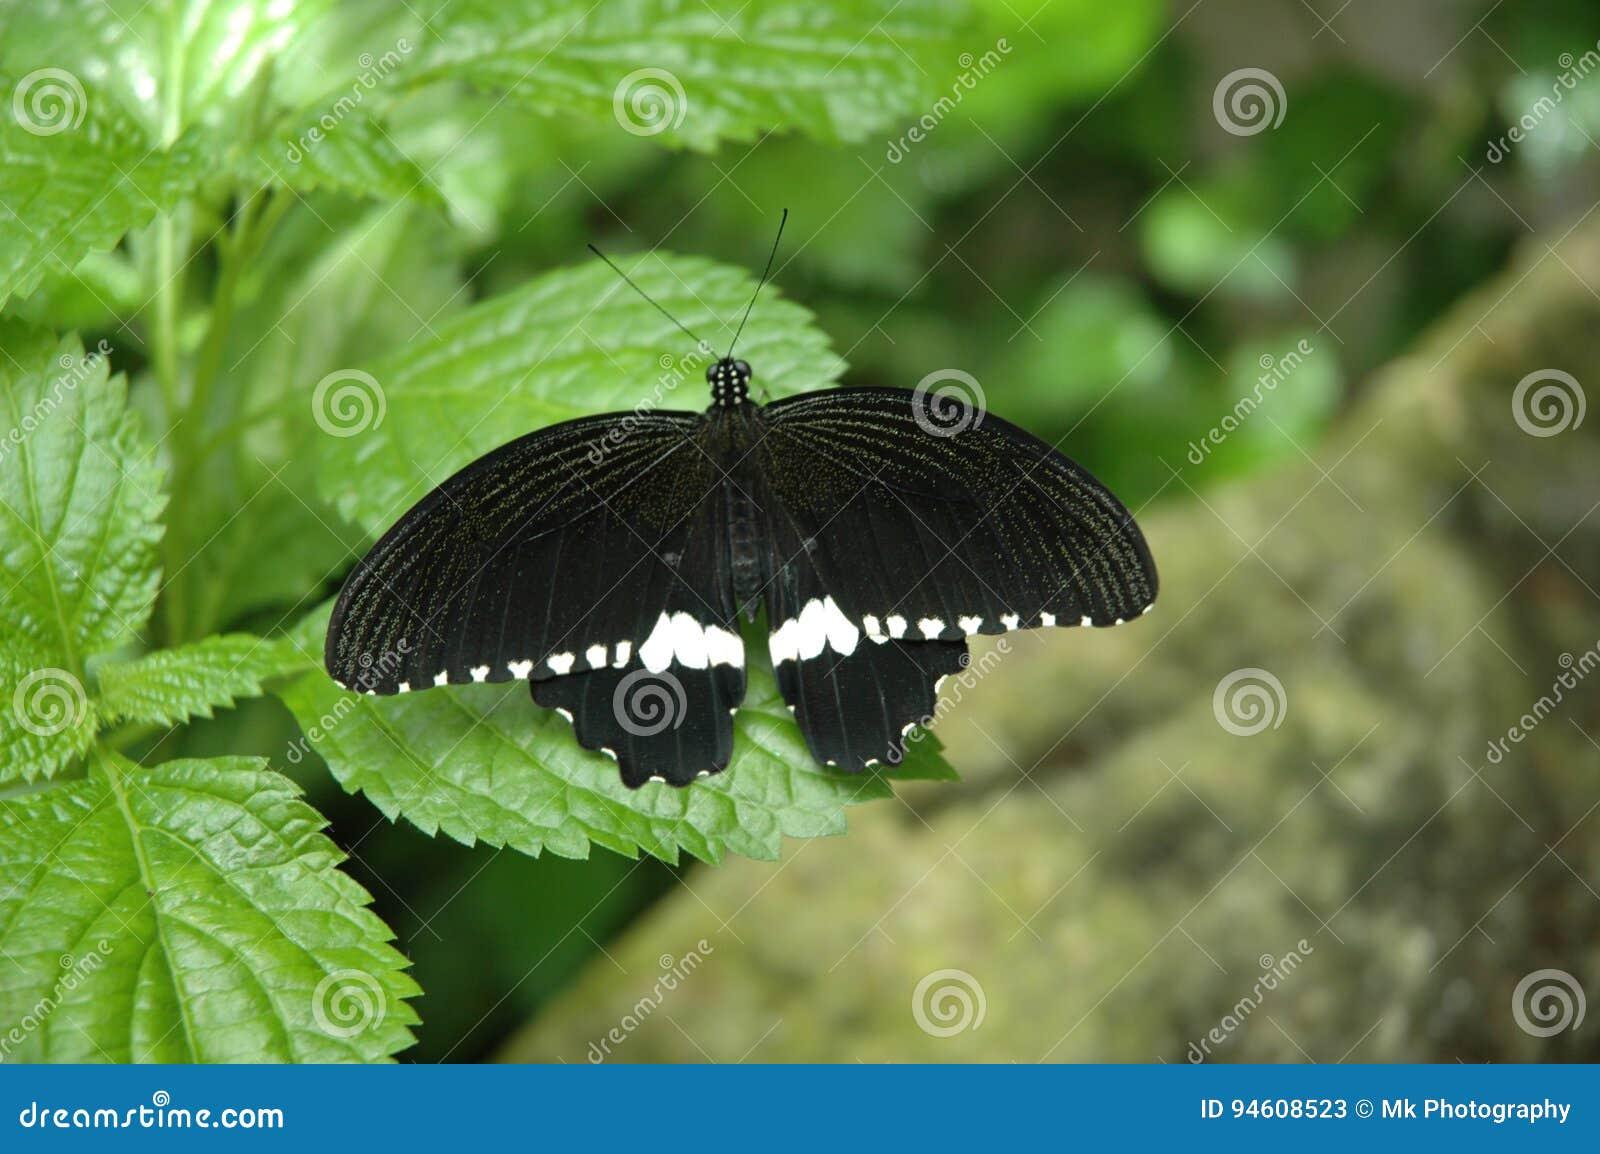 Mariposas Bonitas Imagen De Archivo Imagen De Insectos 94608523